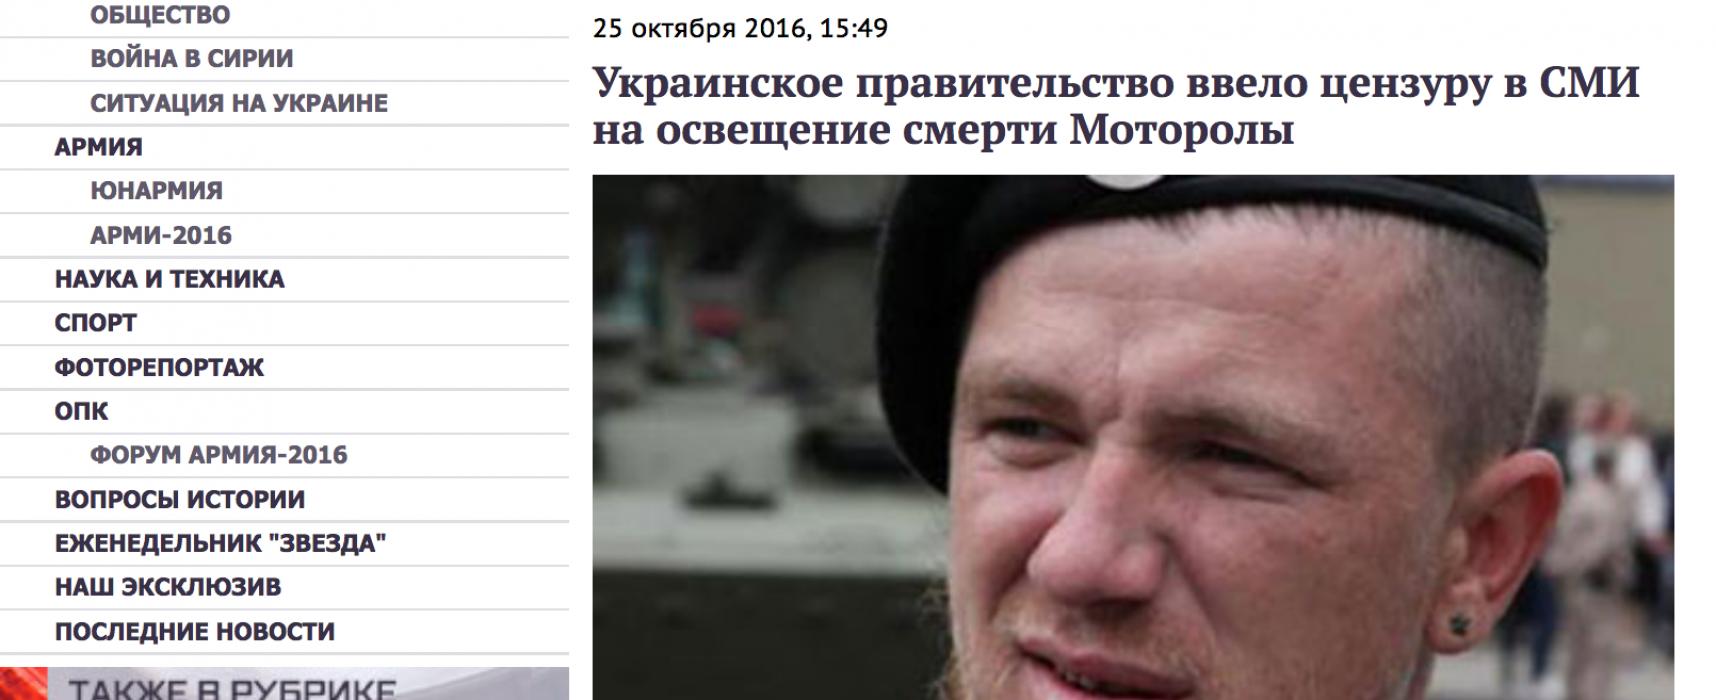 Fake: Ukrainisches Ministerium zensiert die Berichterstattung über Tod von Motorola